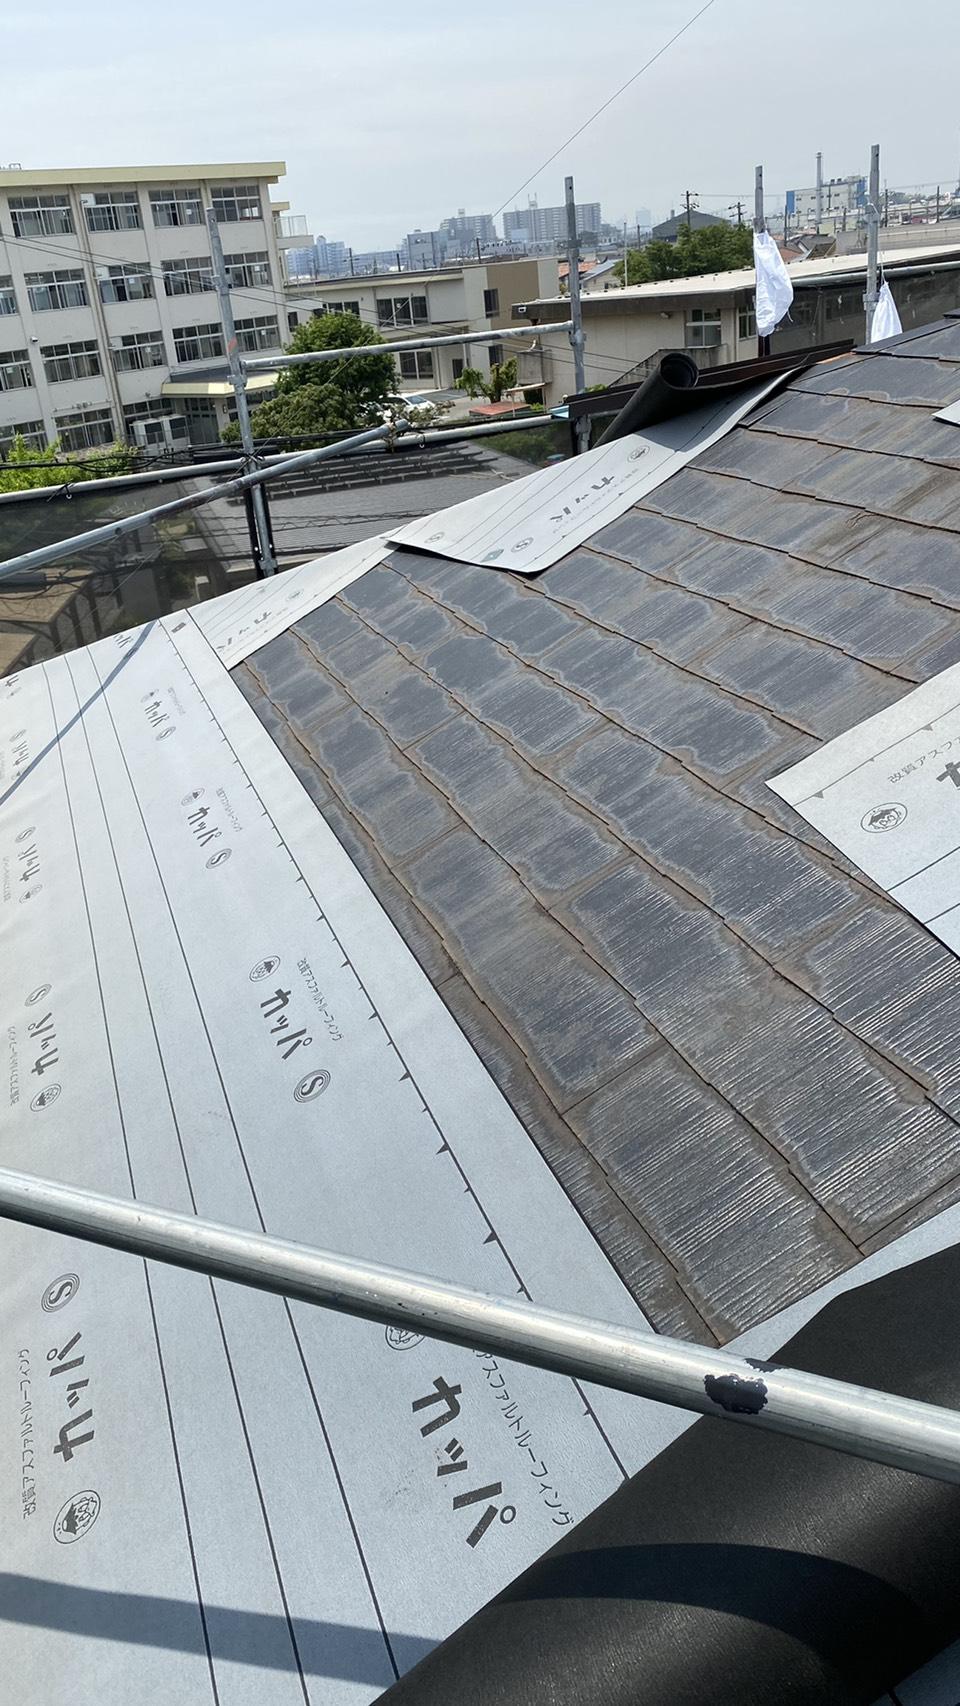 神戸市でのカラーベストへのカバー工法で防水シートを貼っている様子